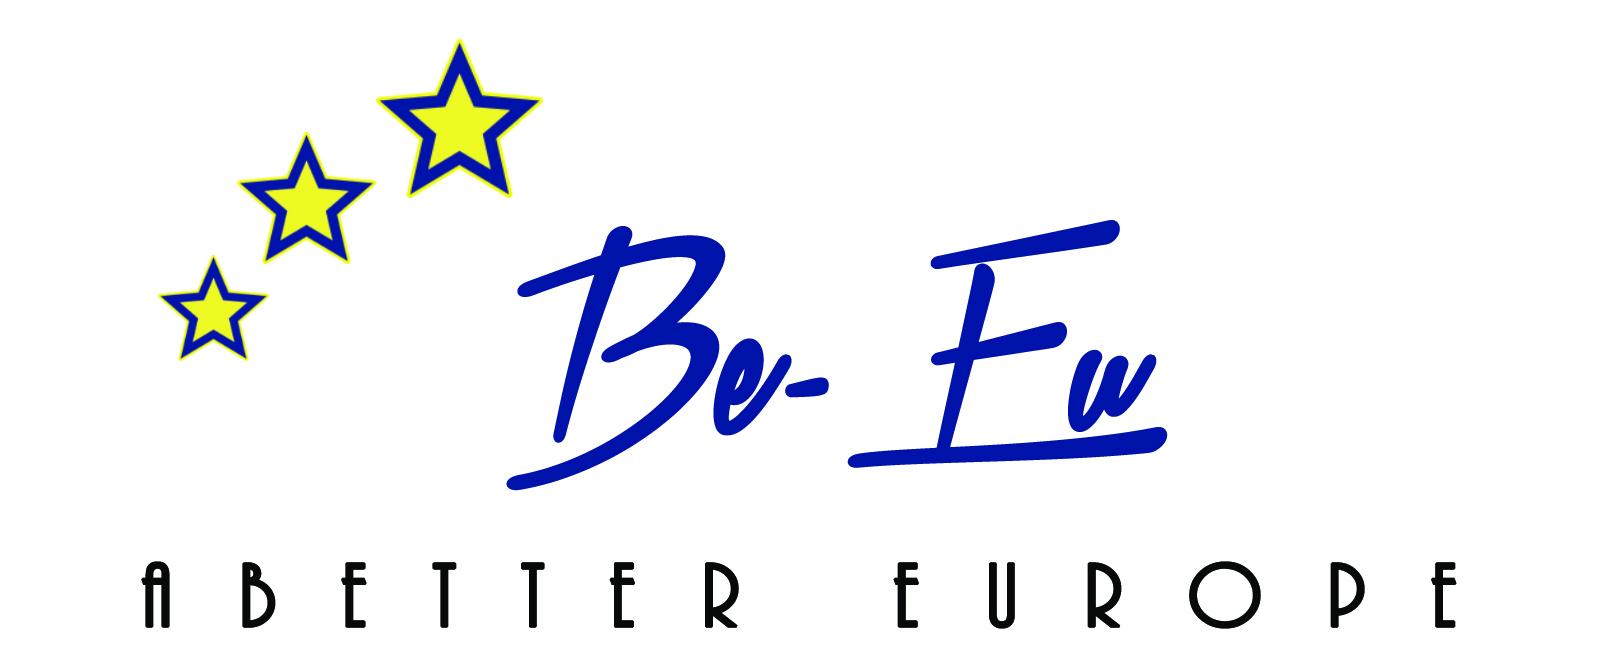 A Better Europe - BeEu